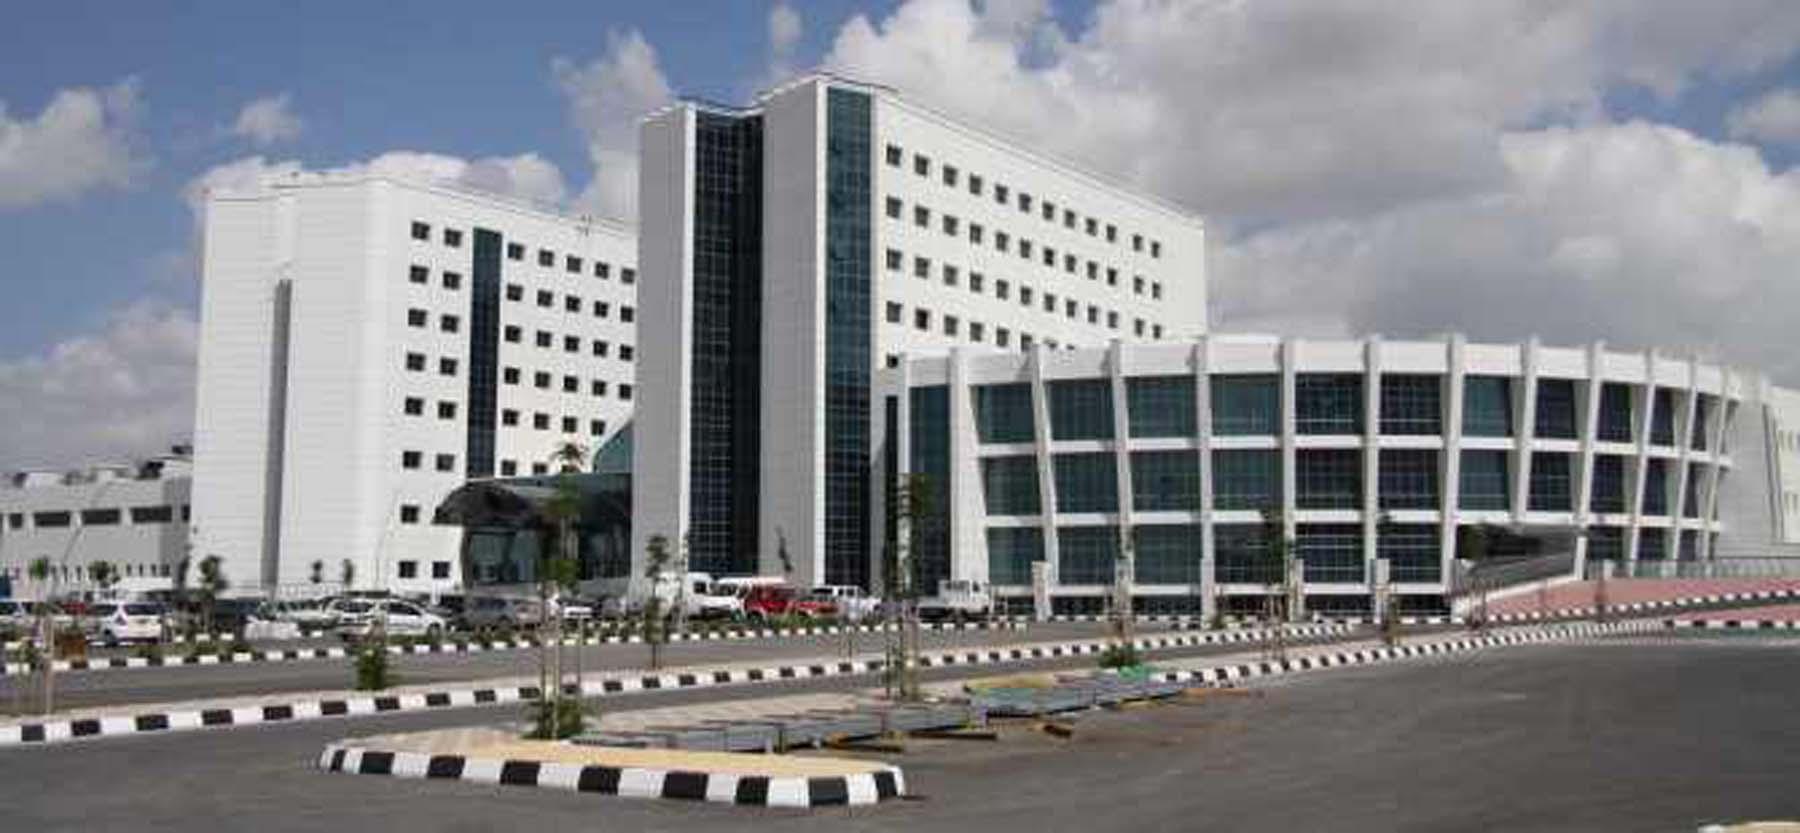 Üniversite Hastanesi Personelleri Kamu Hastanelerine Atanabilecek